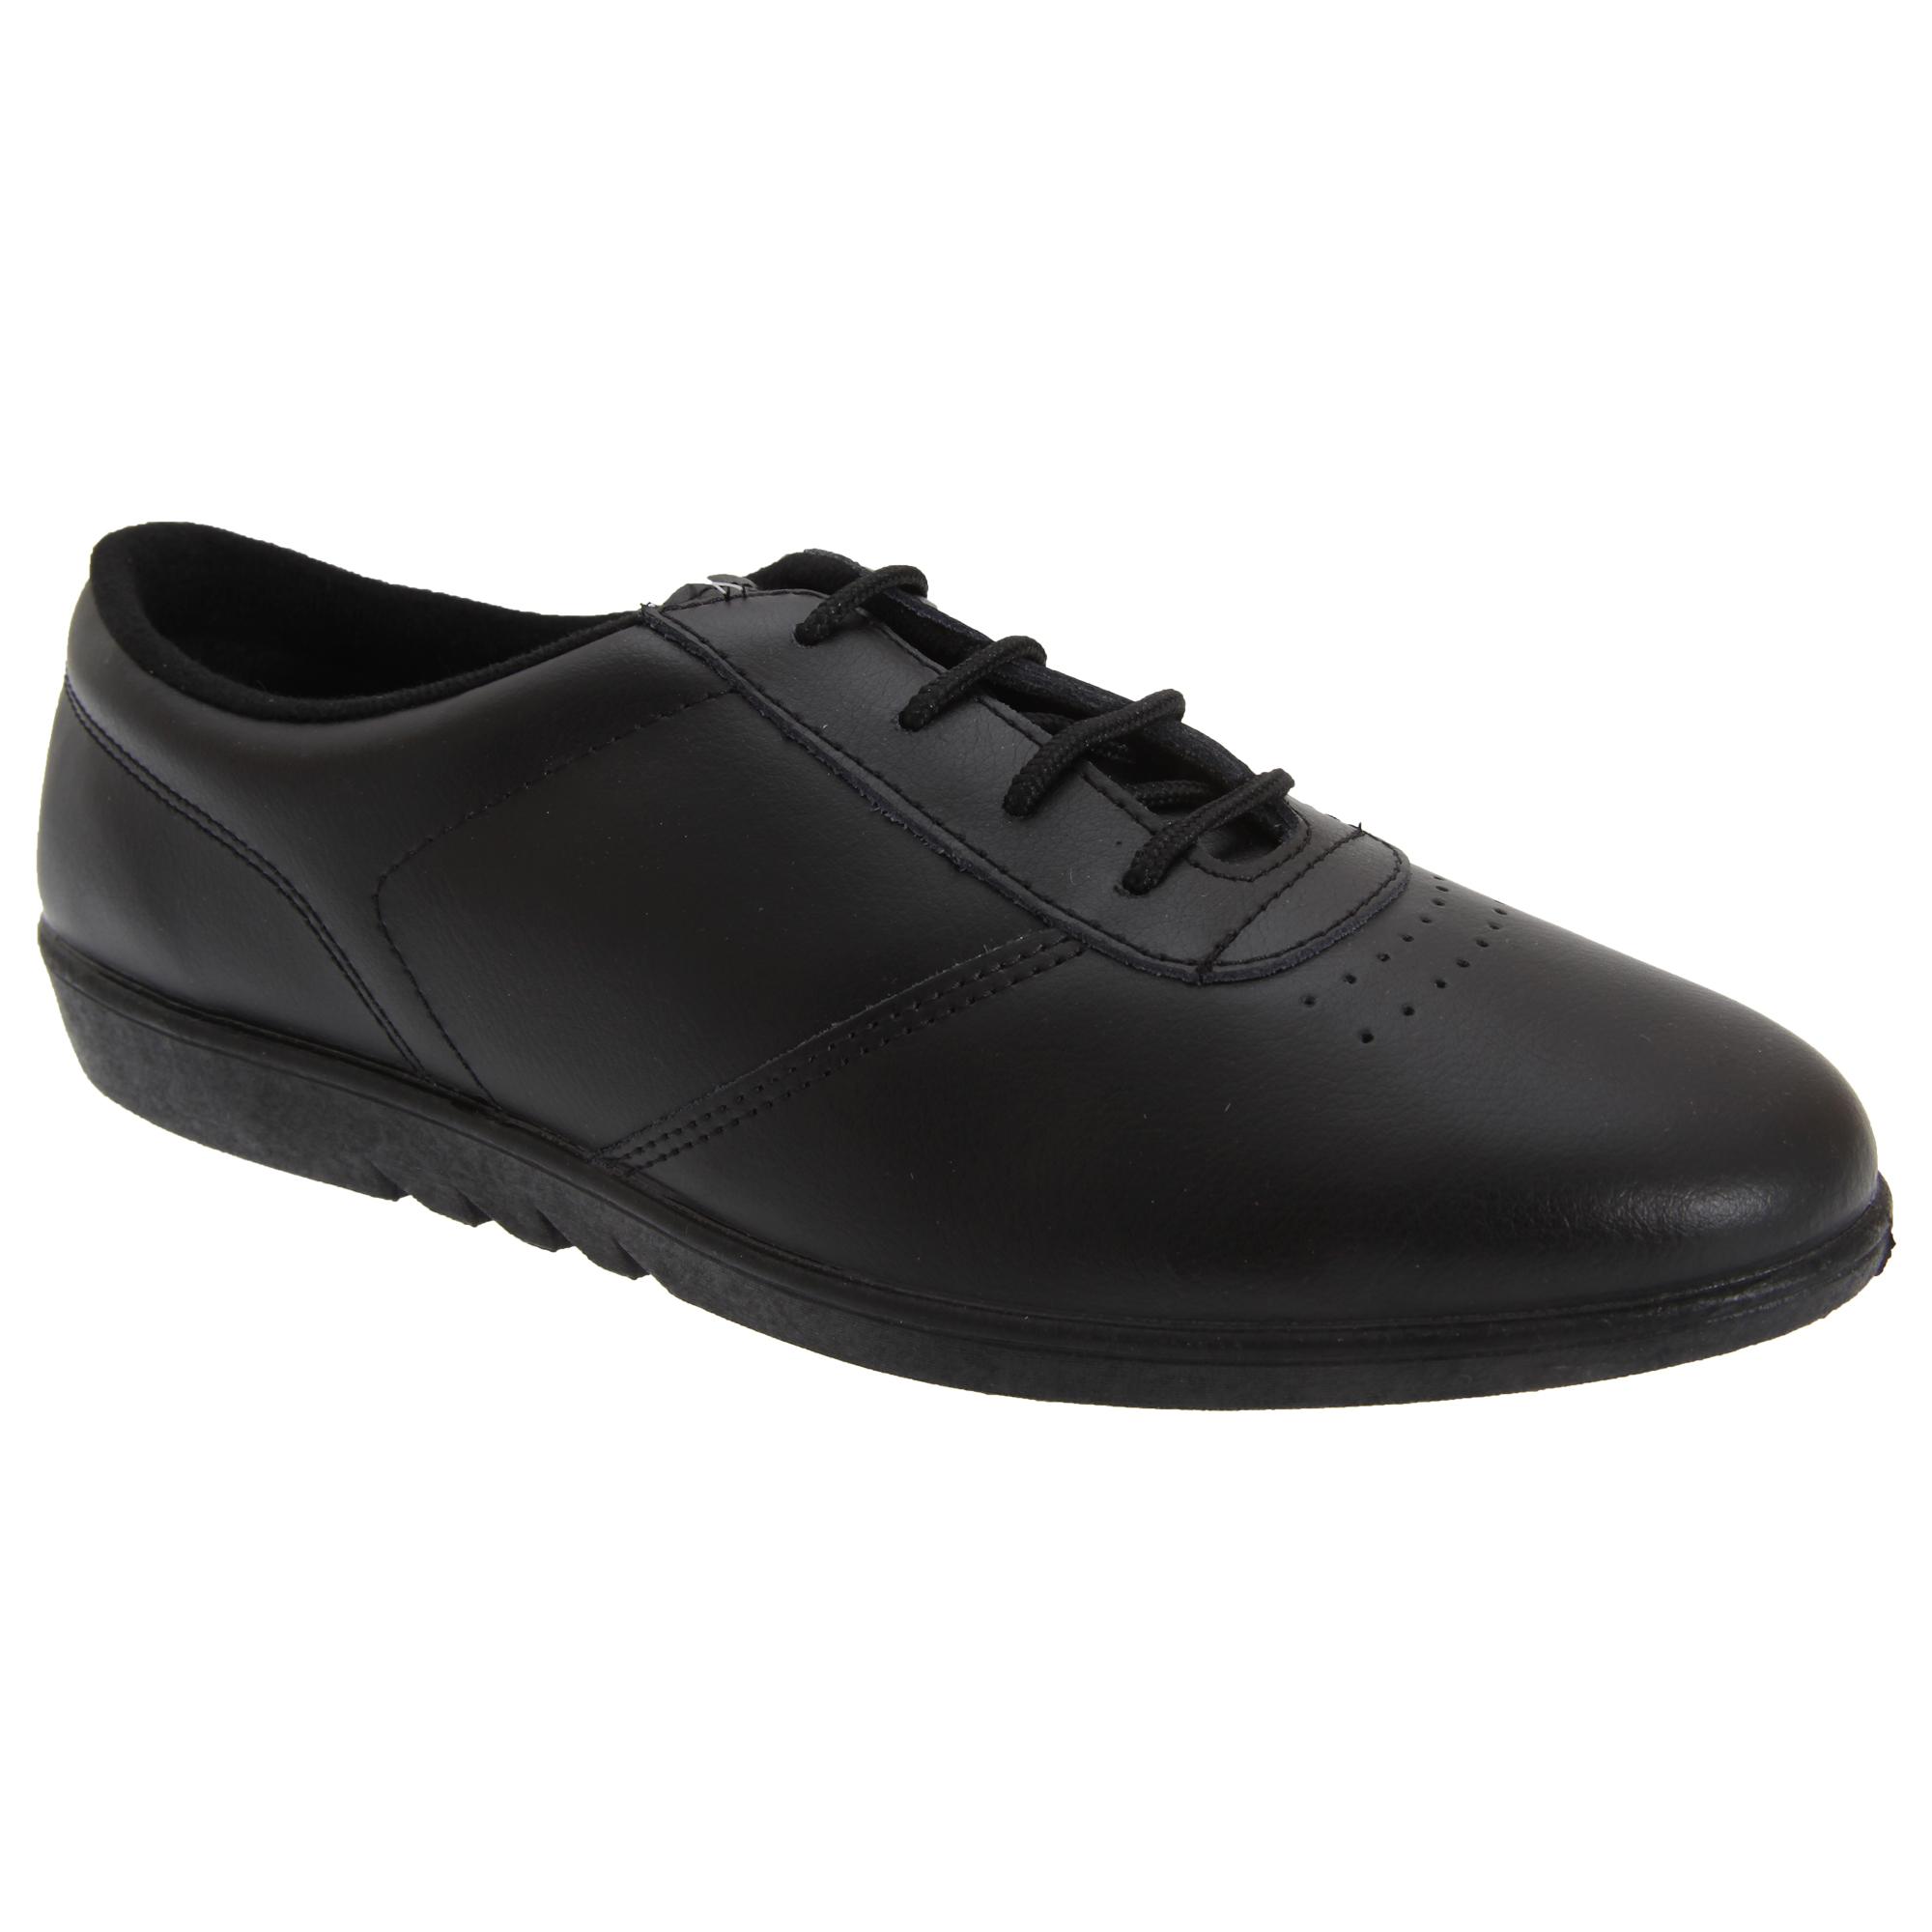 Boulevard -  zapatos  de estilo Oxford para (DF166) mujer (DF166) para 2ed3c6